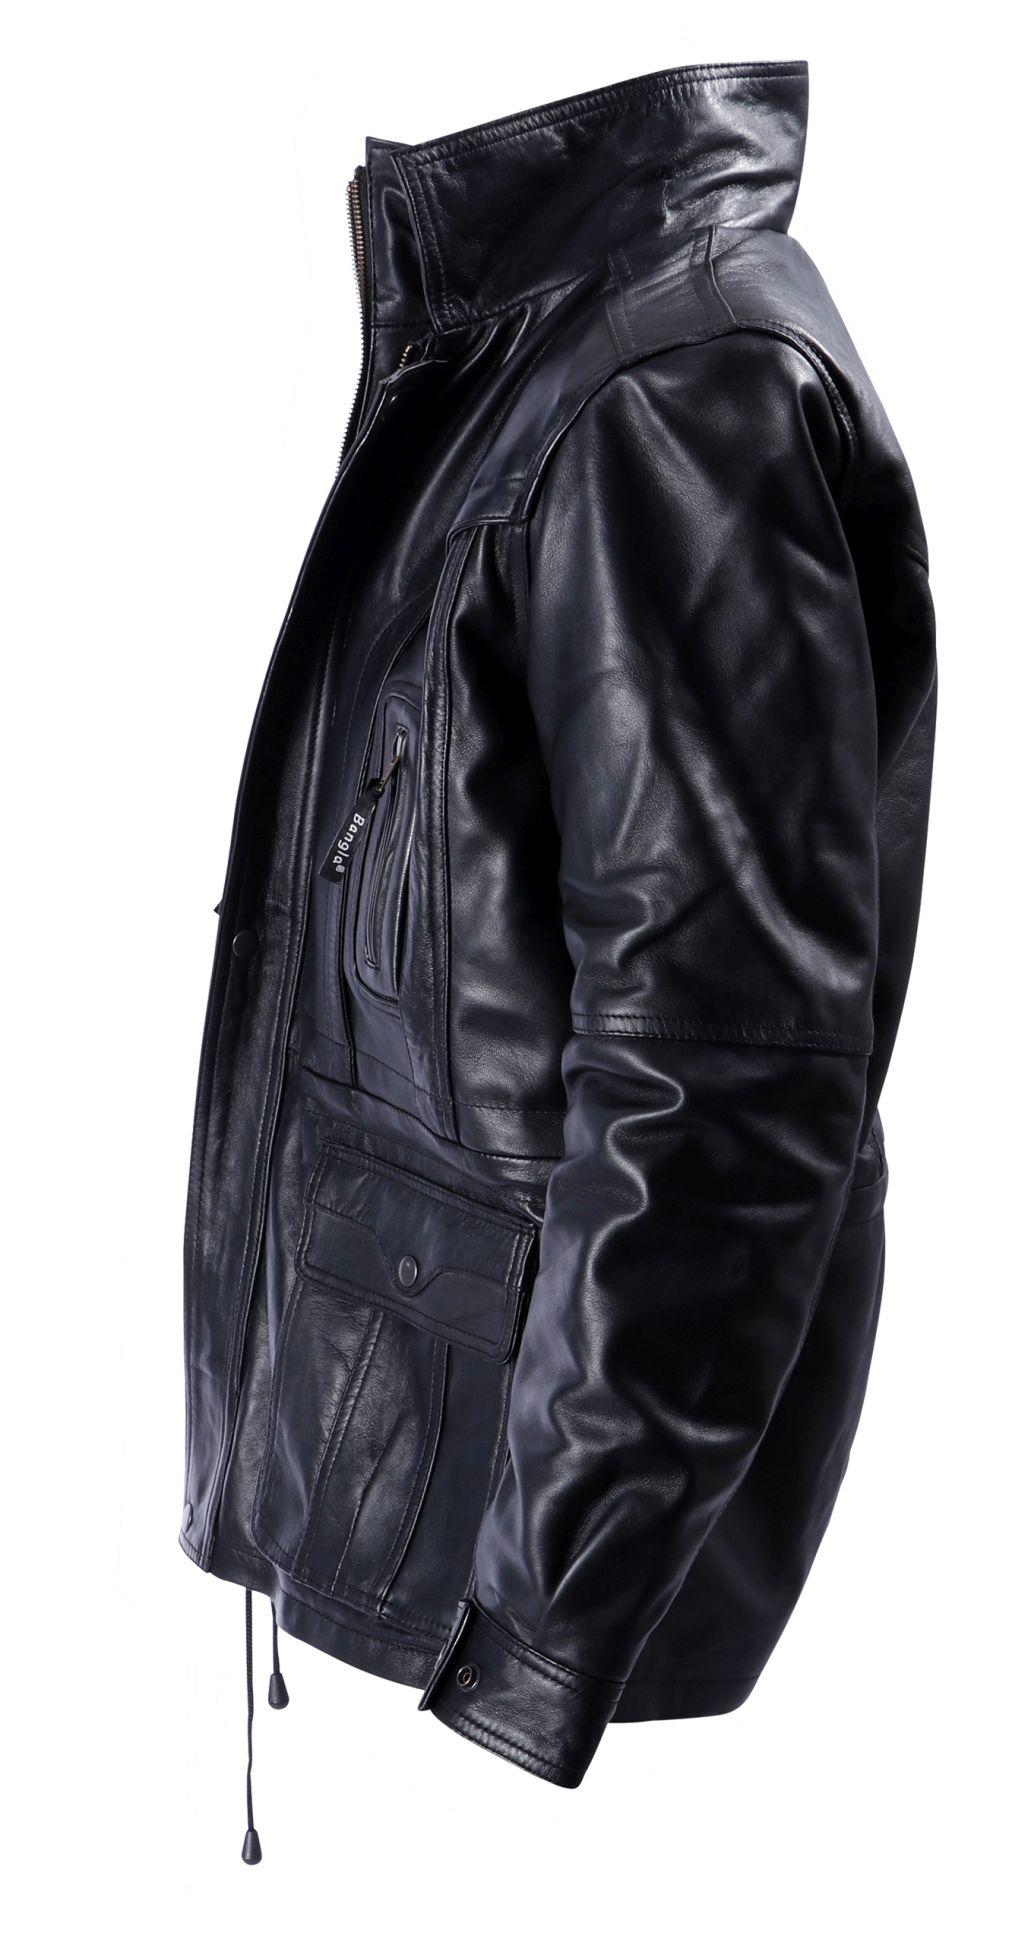 Elegante Winter Lederjacke Leder Herren Jacke Leder schwarz M - 6 XL